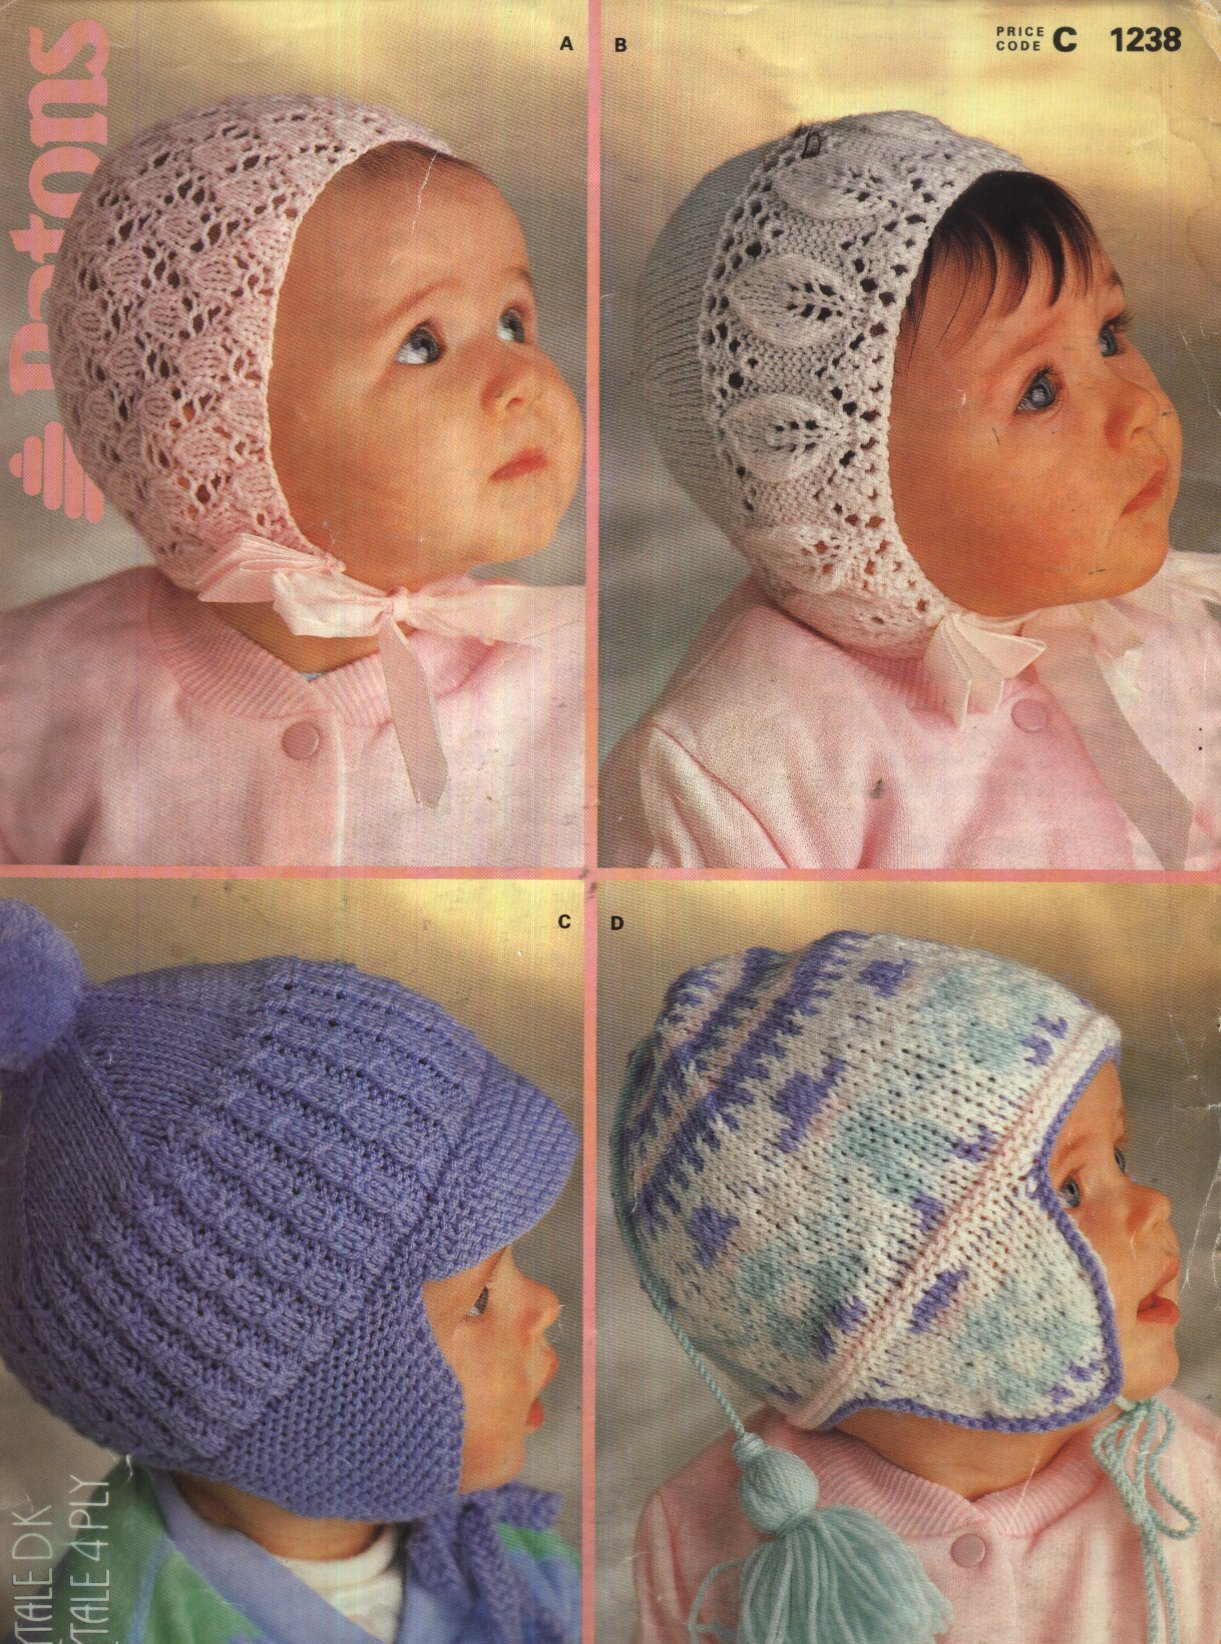 Patons Knitting Patterns: Amazon.co.uk